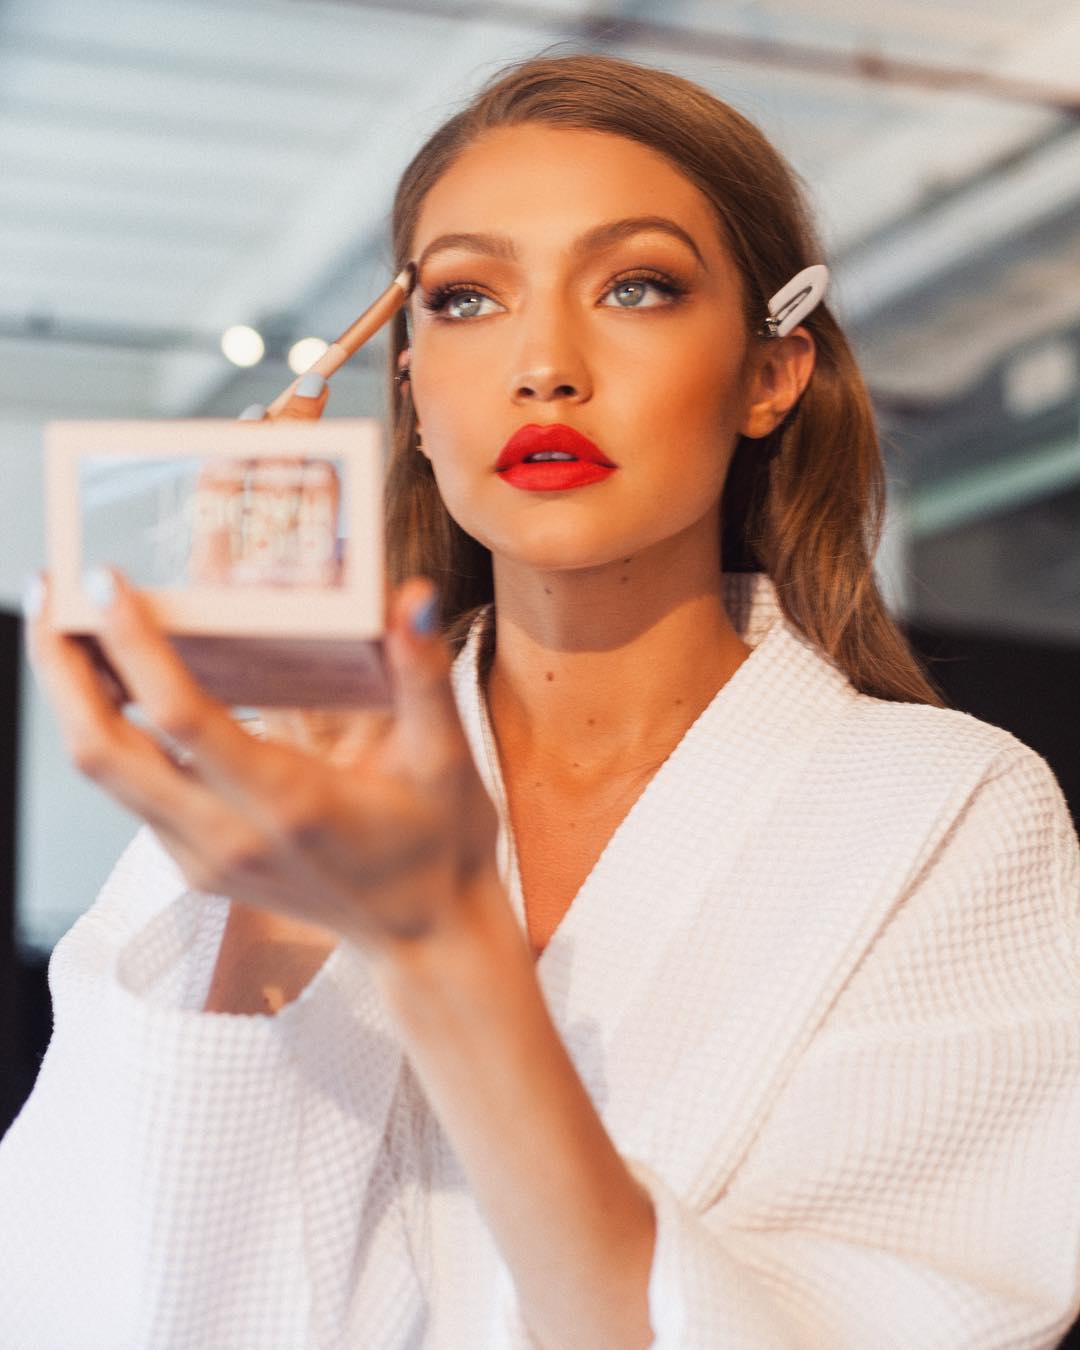 Gigi Hadid ra mắt BST mỹ phẩm hàng khủng đầy đủ từ son lì đến phấn mắt, mascara... - Ảnh 1.